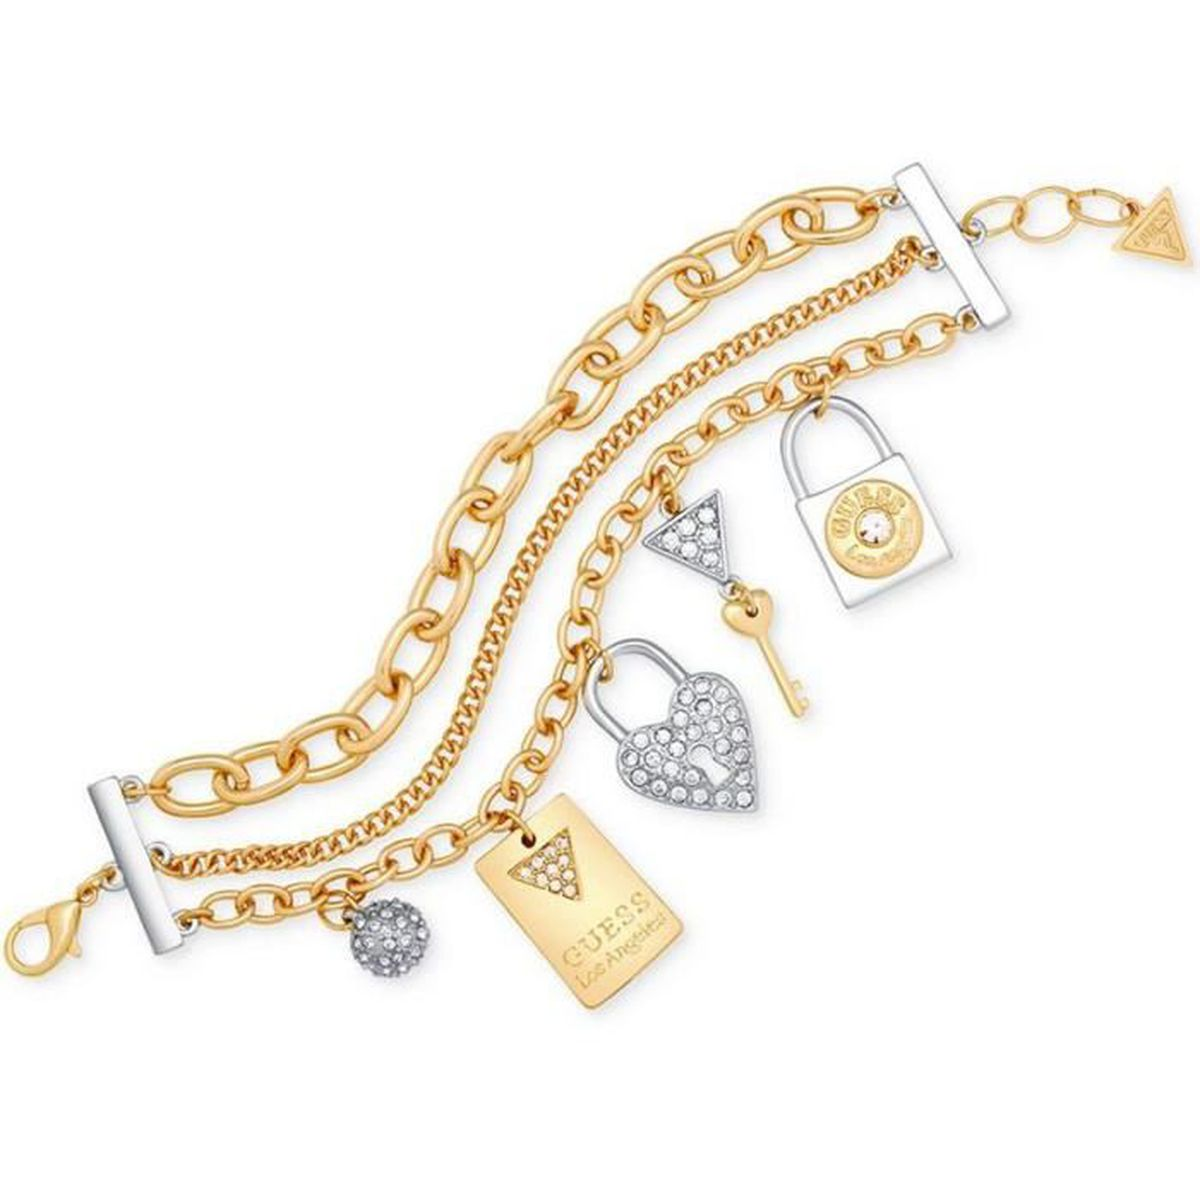 Bracelet Guess Femme Coffret Pendentifs Logo Argenté Et Doré BJB0448 ... 0937c3889d9